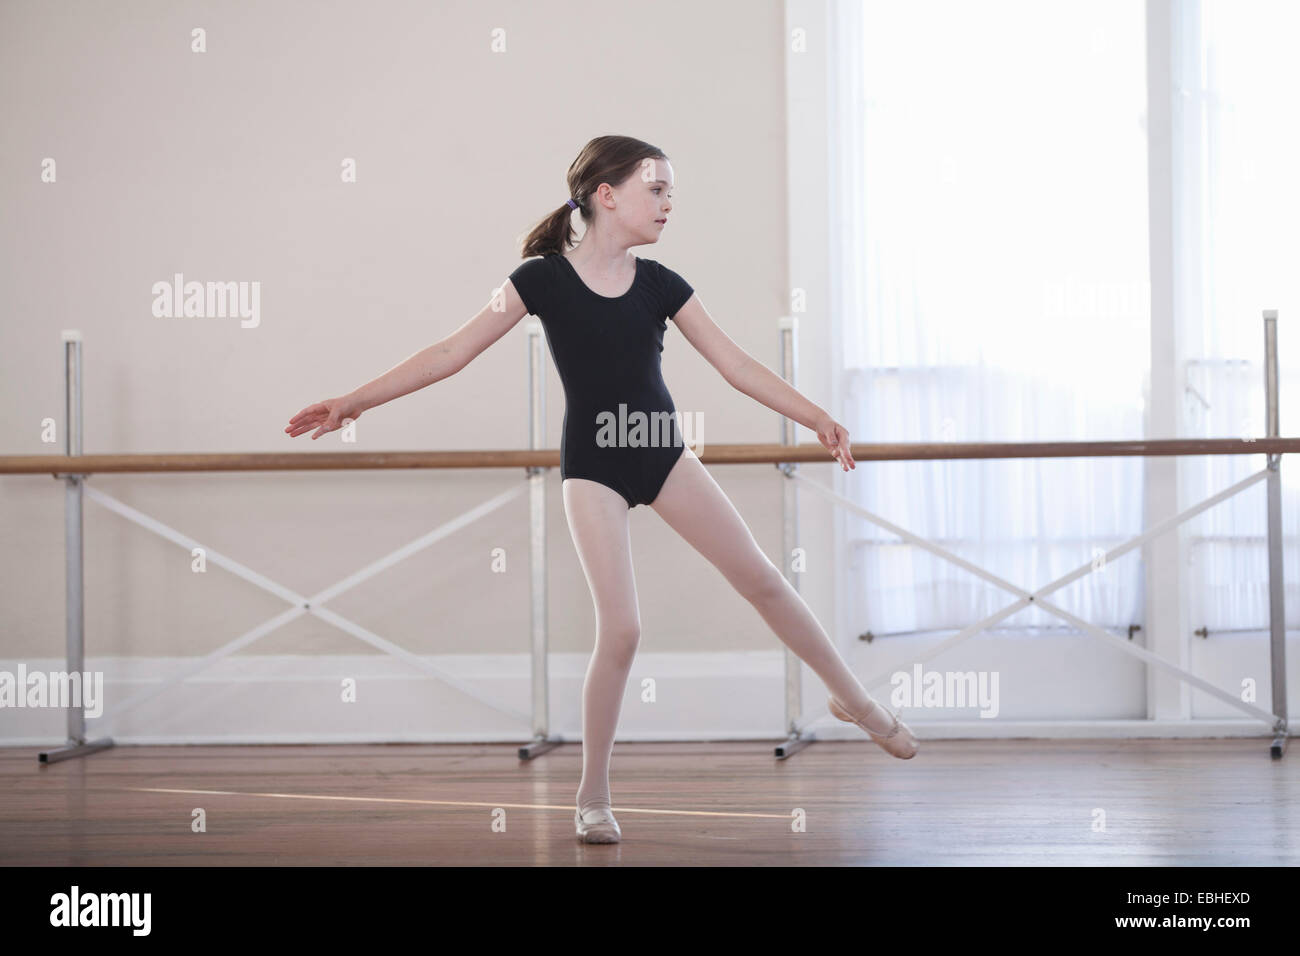 Joven bailarina practicando el ballet de danza en la escuela de ballet Imagen De Stock